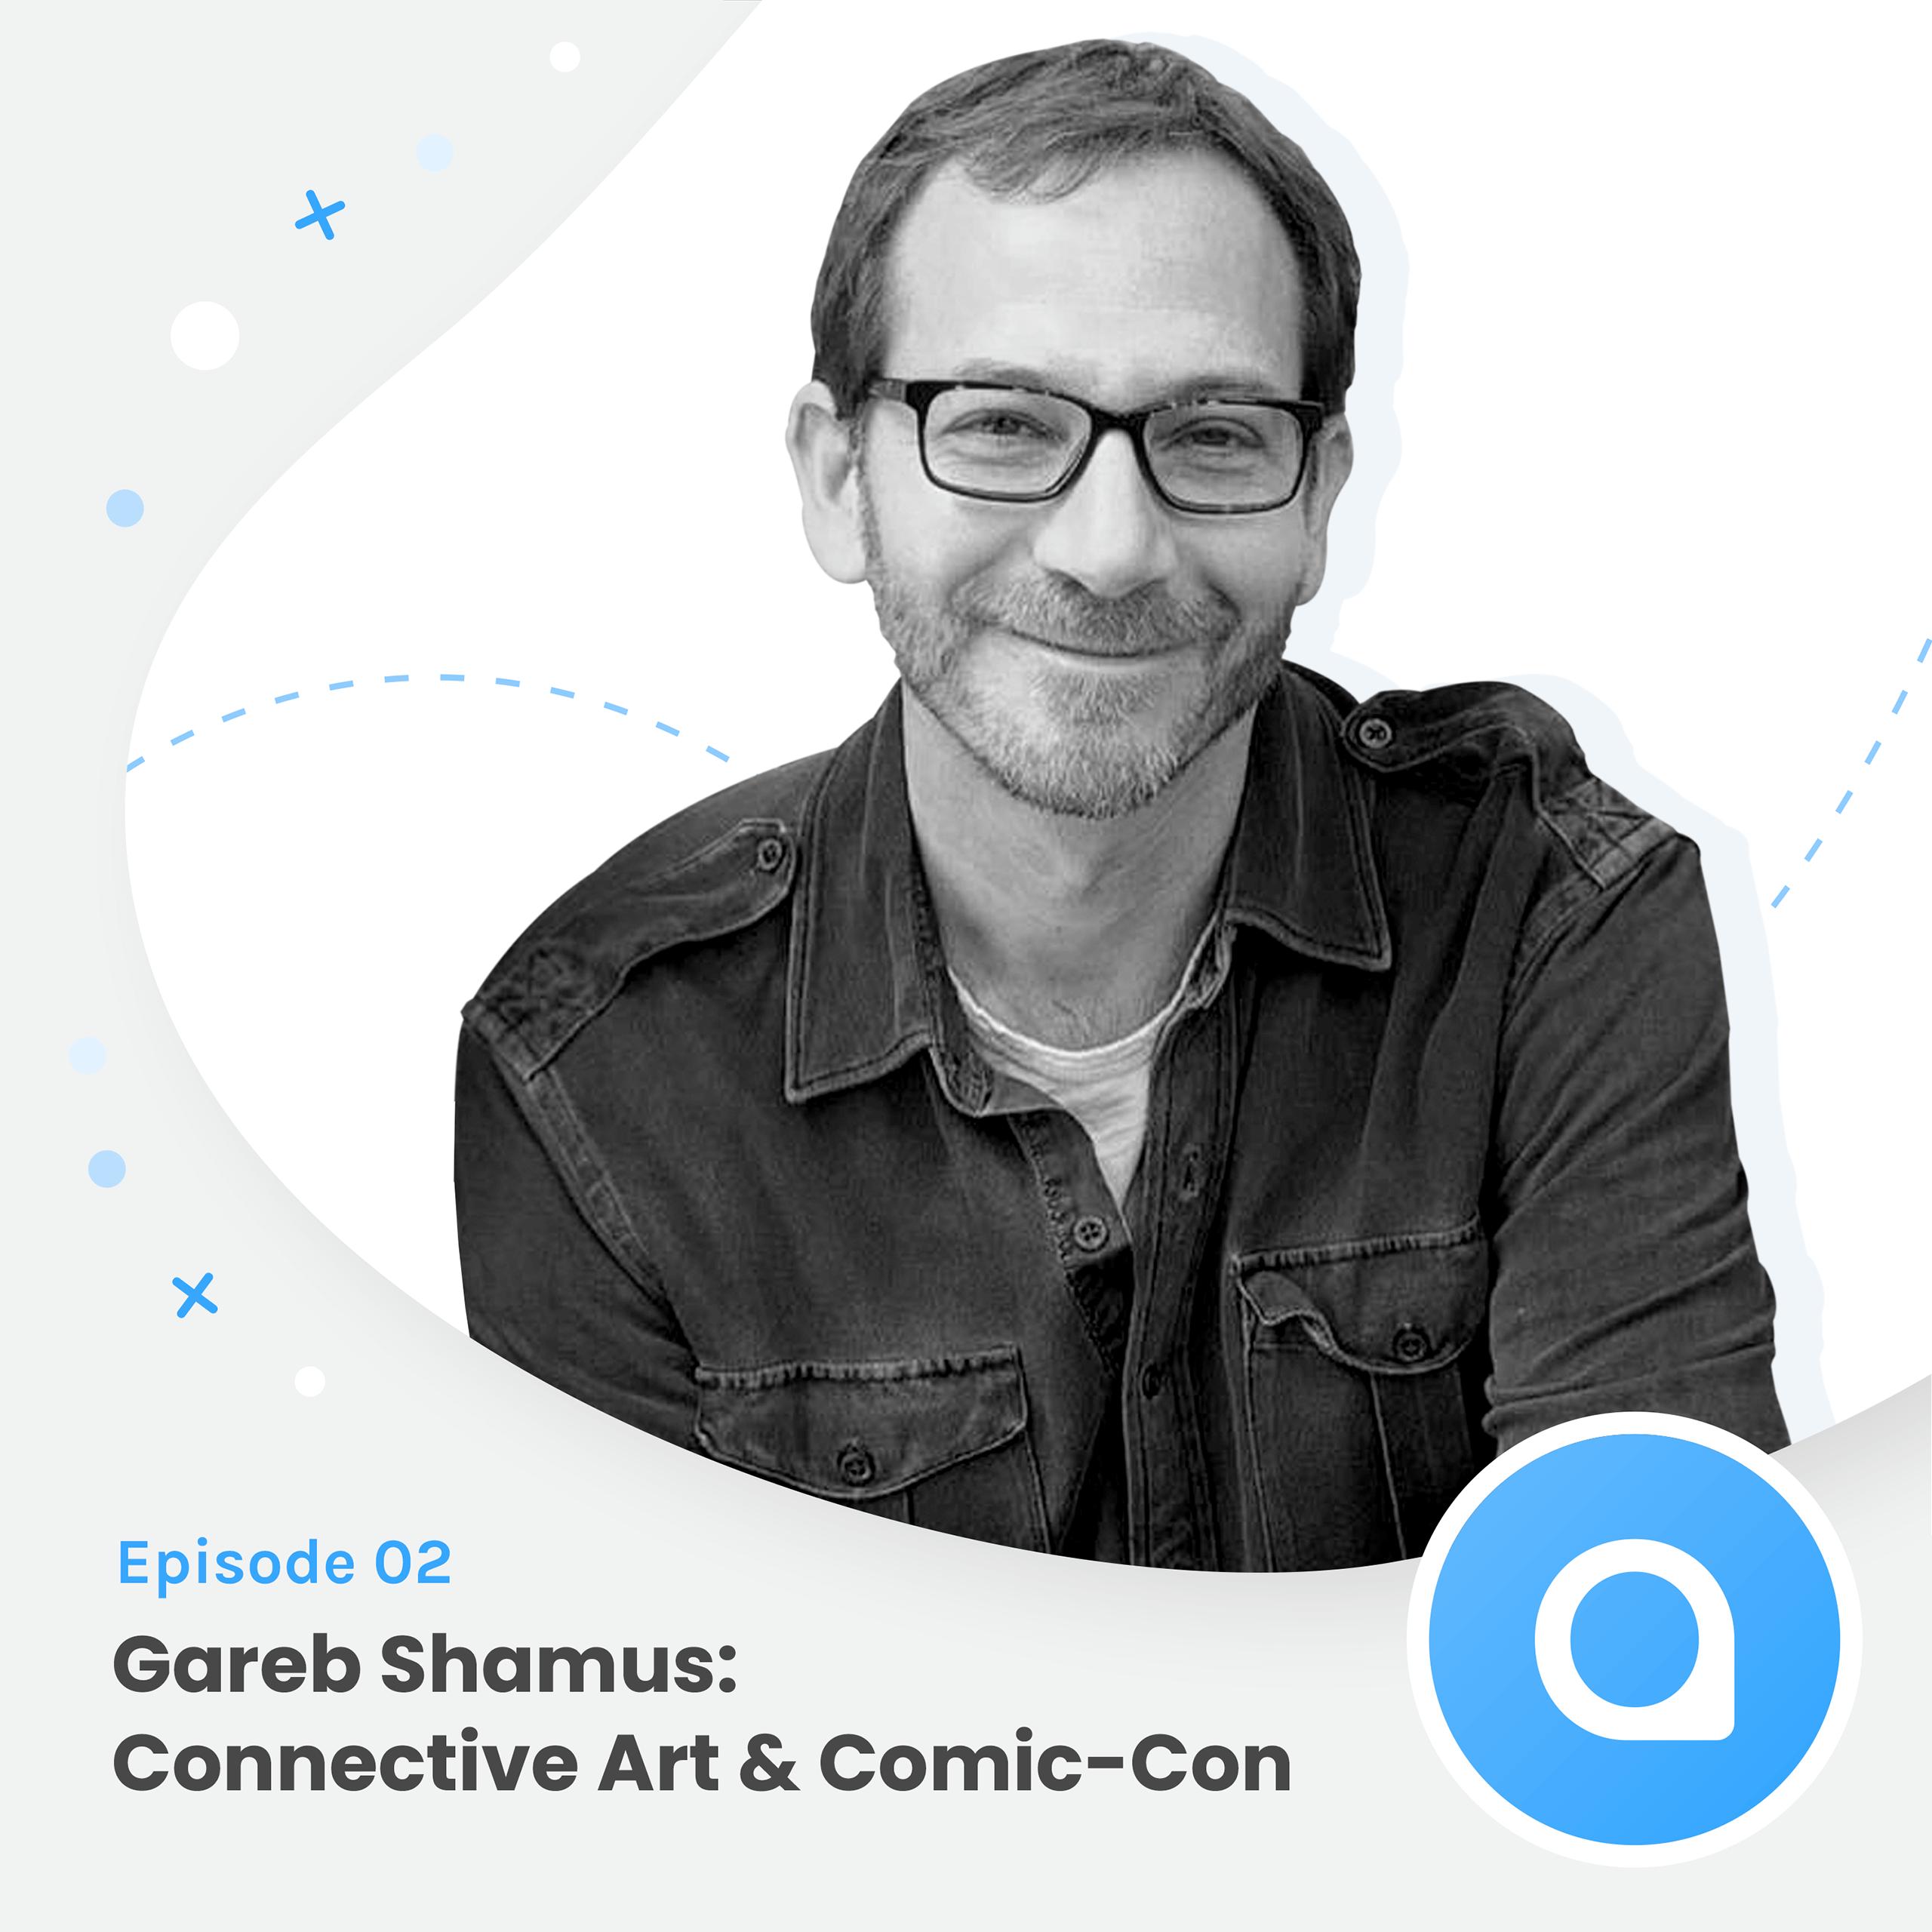 Gareb Shamus: Connective Art & Comic-Con